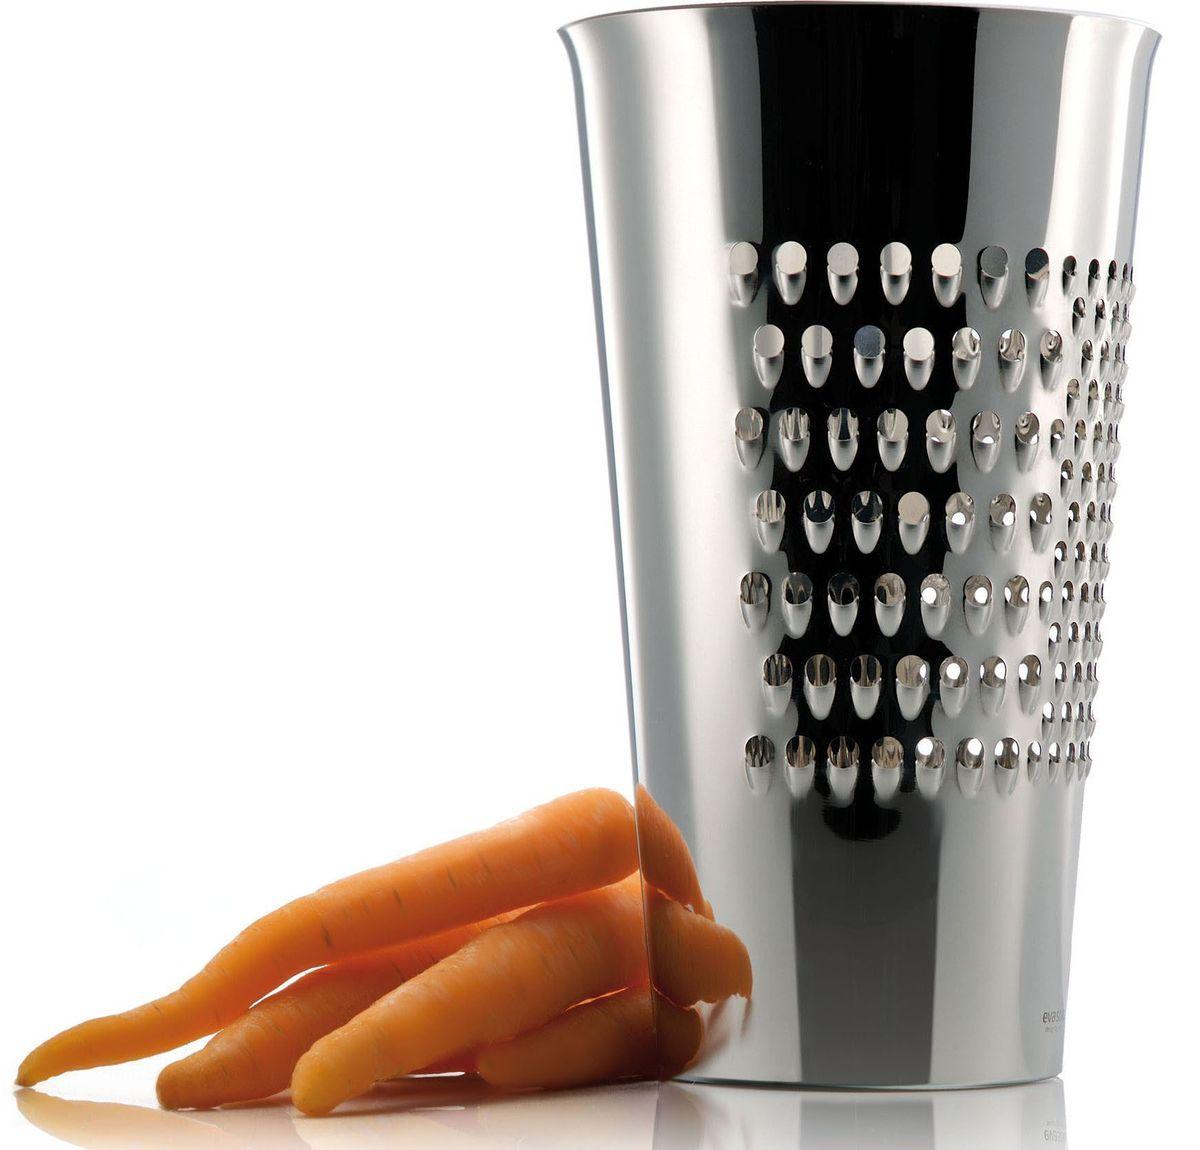 Терка-ведро Eva Solo, 21 см115610Можно натереть овощи, сыр, шоколад или все, что подскажет ваша фантазия, прямо в симпатичное ведерко из нержавеющей стали. Есть три разных терочных поверхности. Можно мыть в посудомоечной машине.Интересное решение от датских дизайнеров из компании Eva Solo - простота, функциональность и неповторимая эстетика даже в самых мелких предметах сделают вашу кухню еще более стильной и оригинальной.